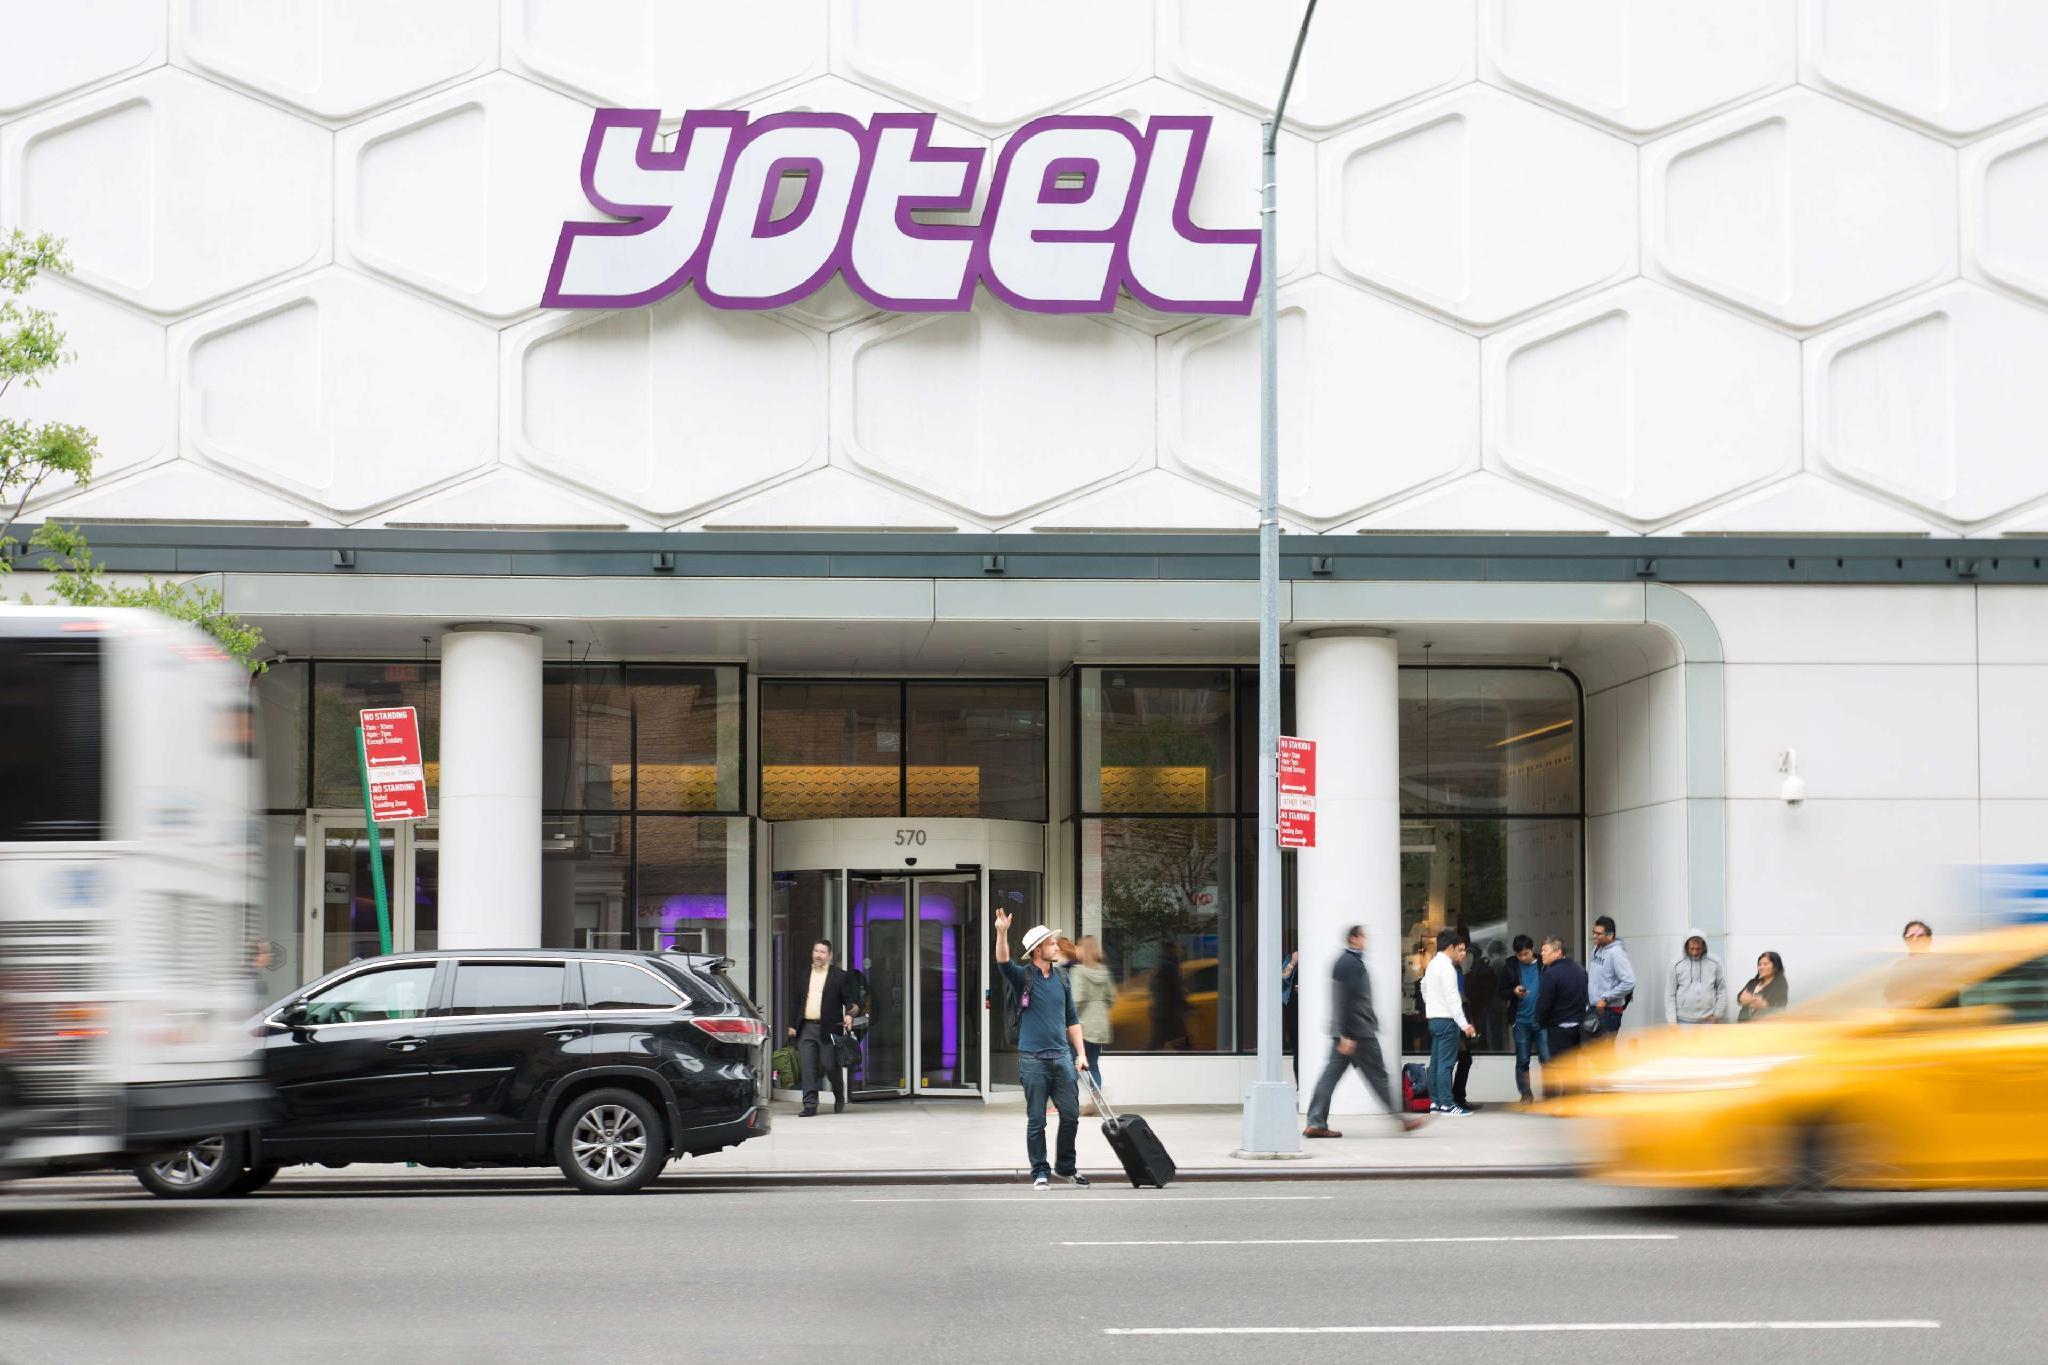 Yotel - Times Square